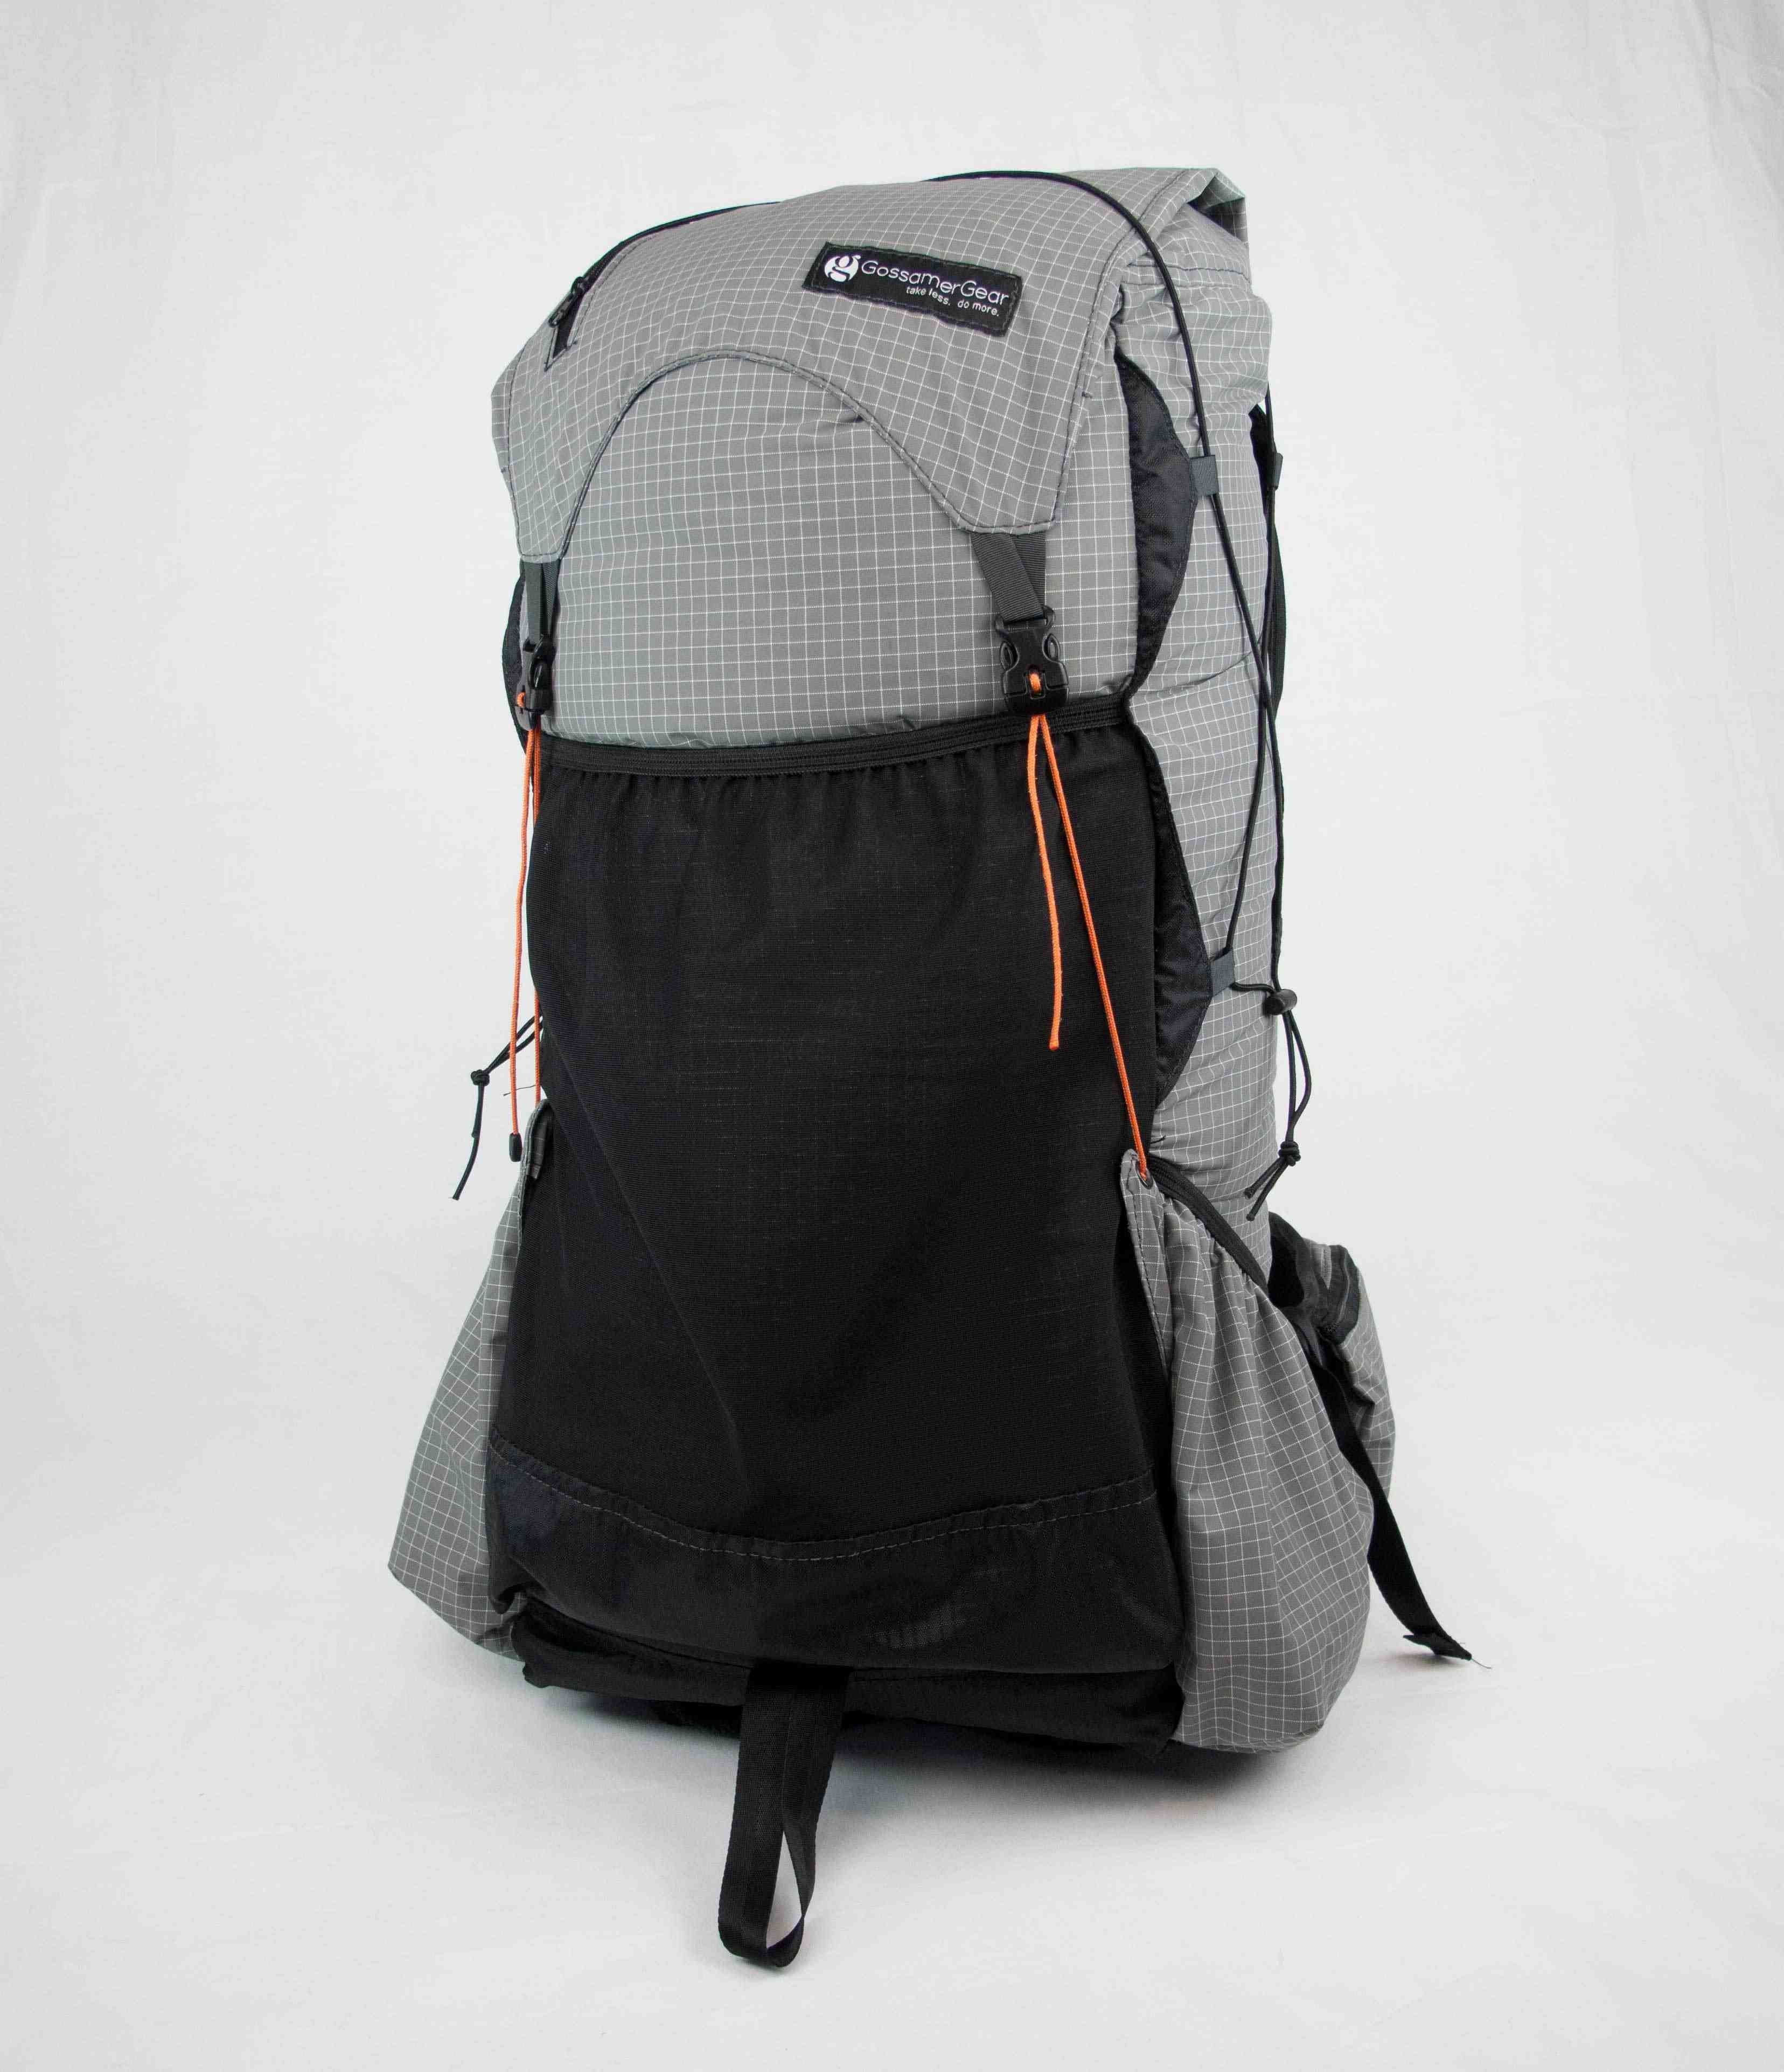 GG Gorilla 2012 Ultralight Backpack (smaller than Mariposa)